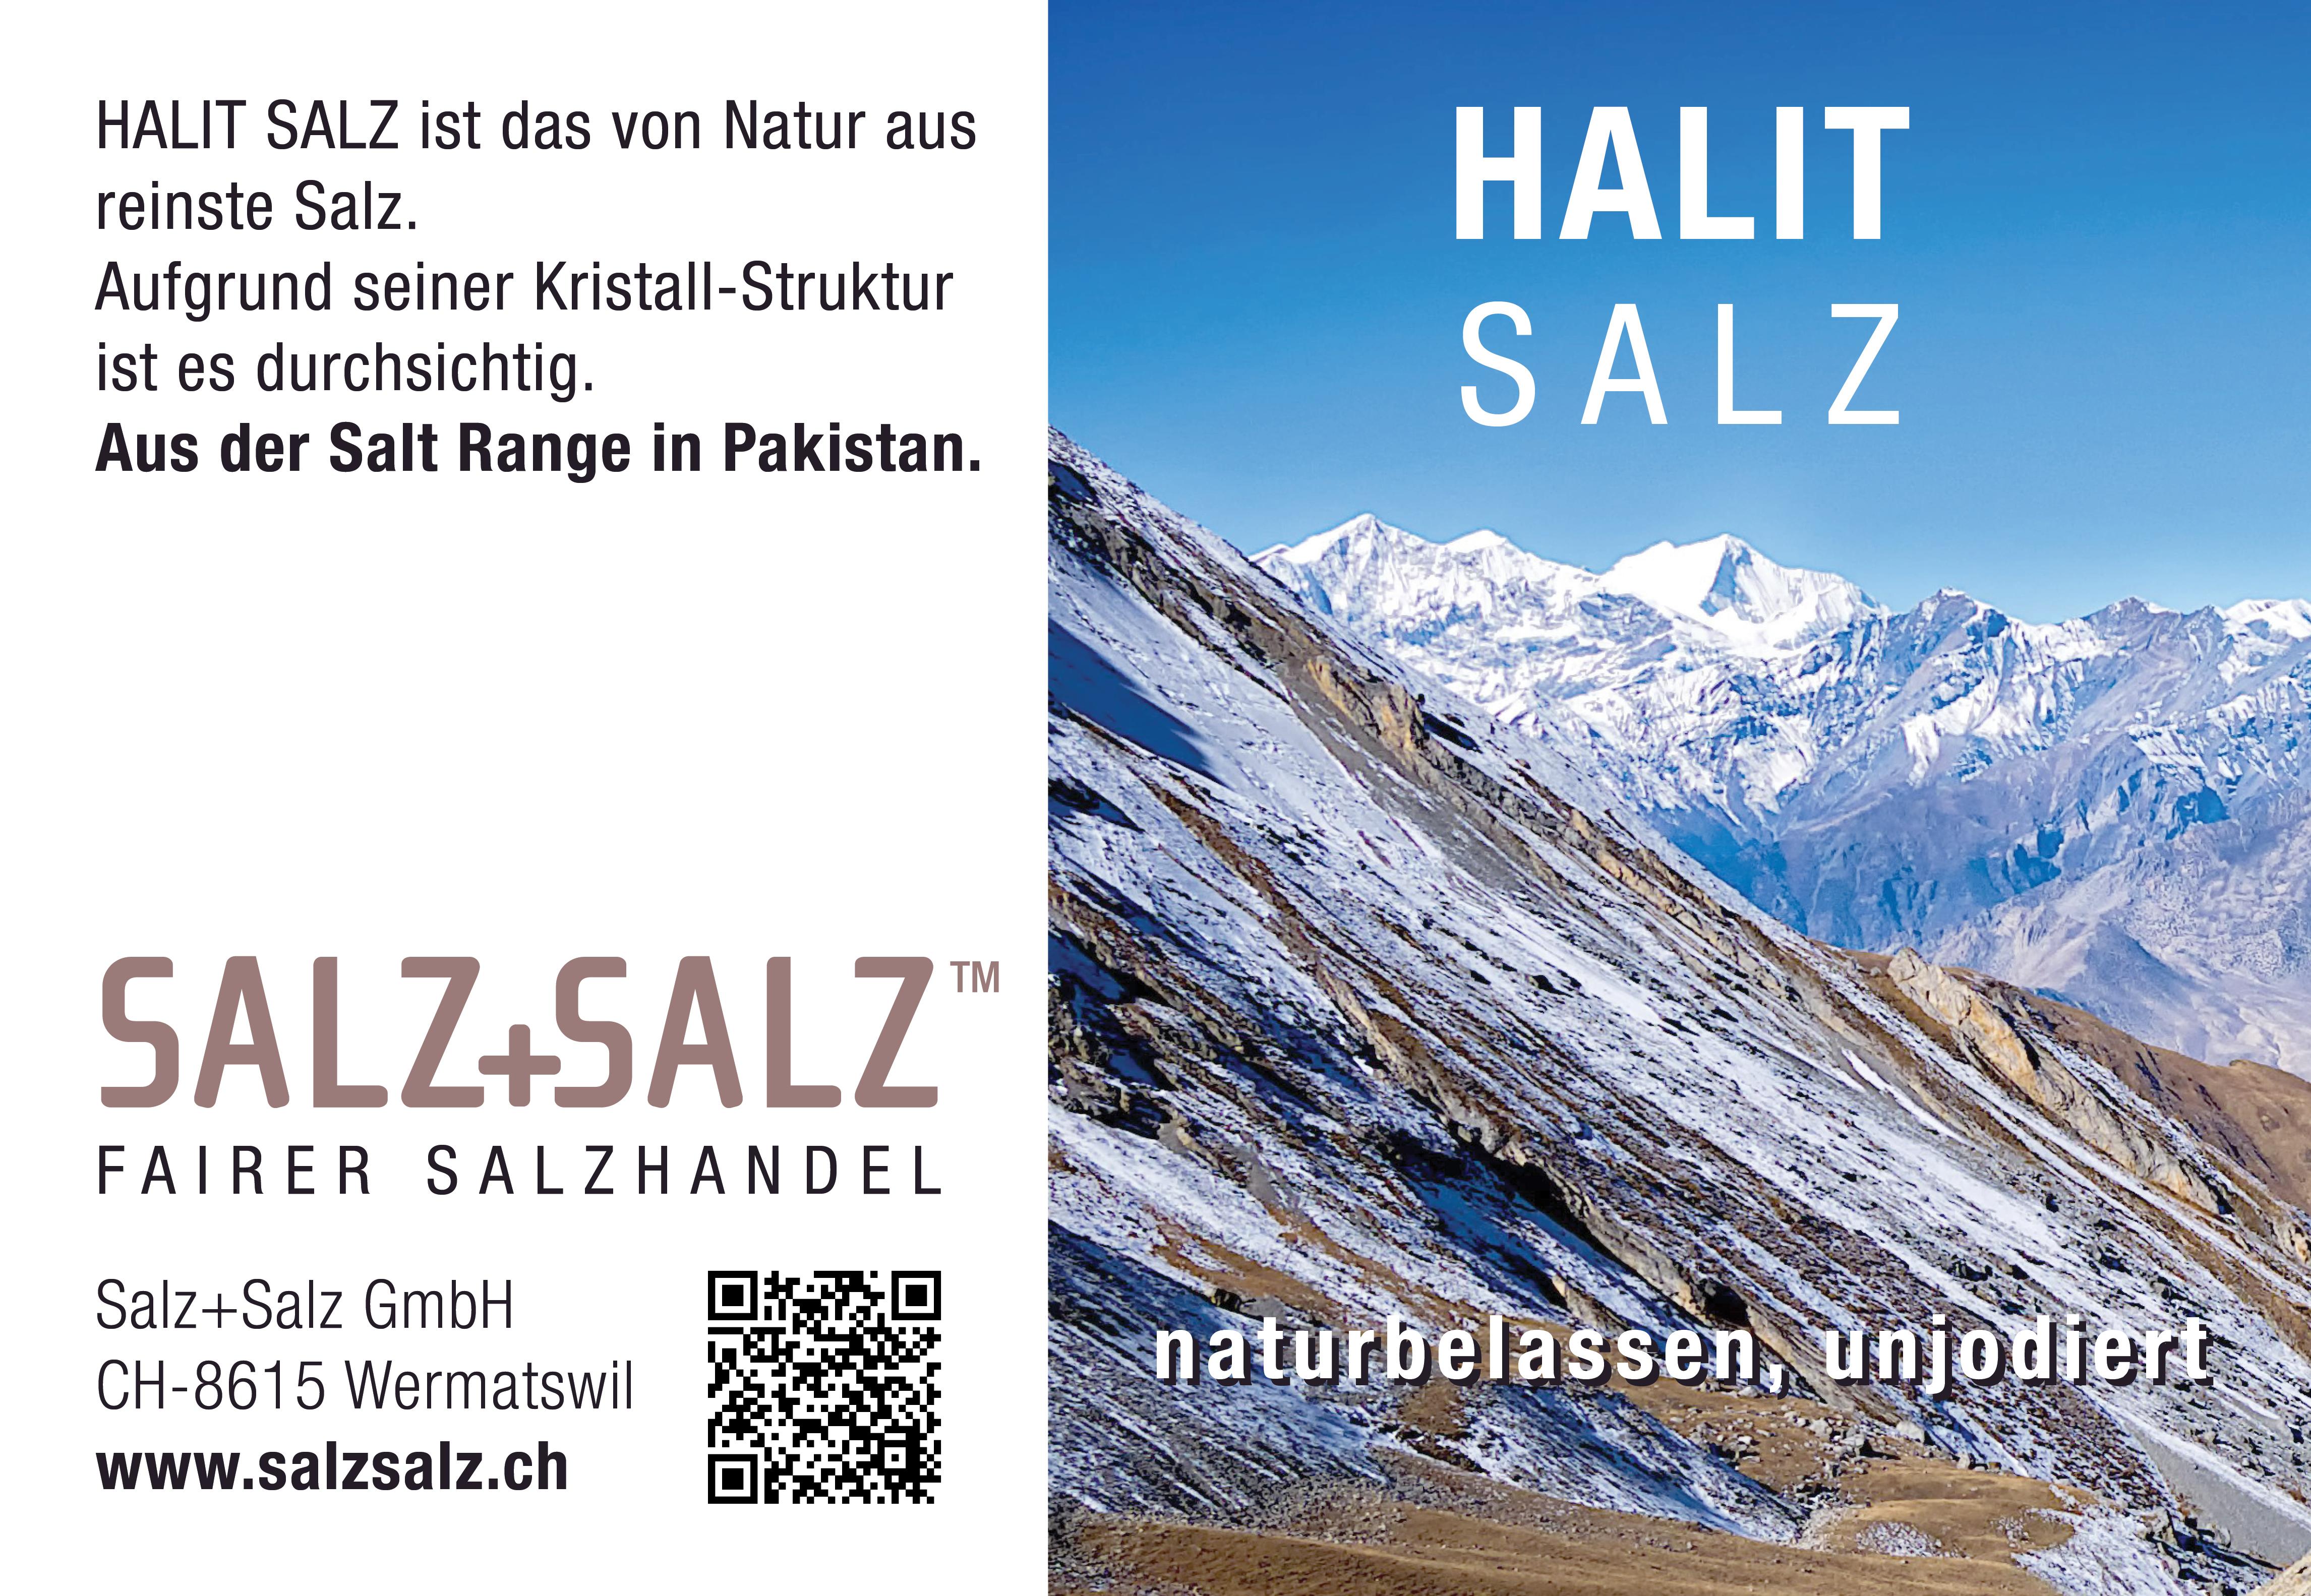 Etikette Halit Salz